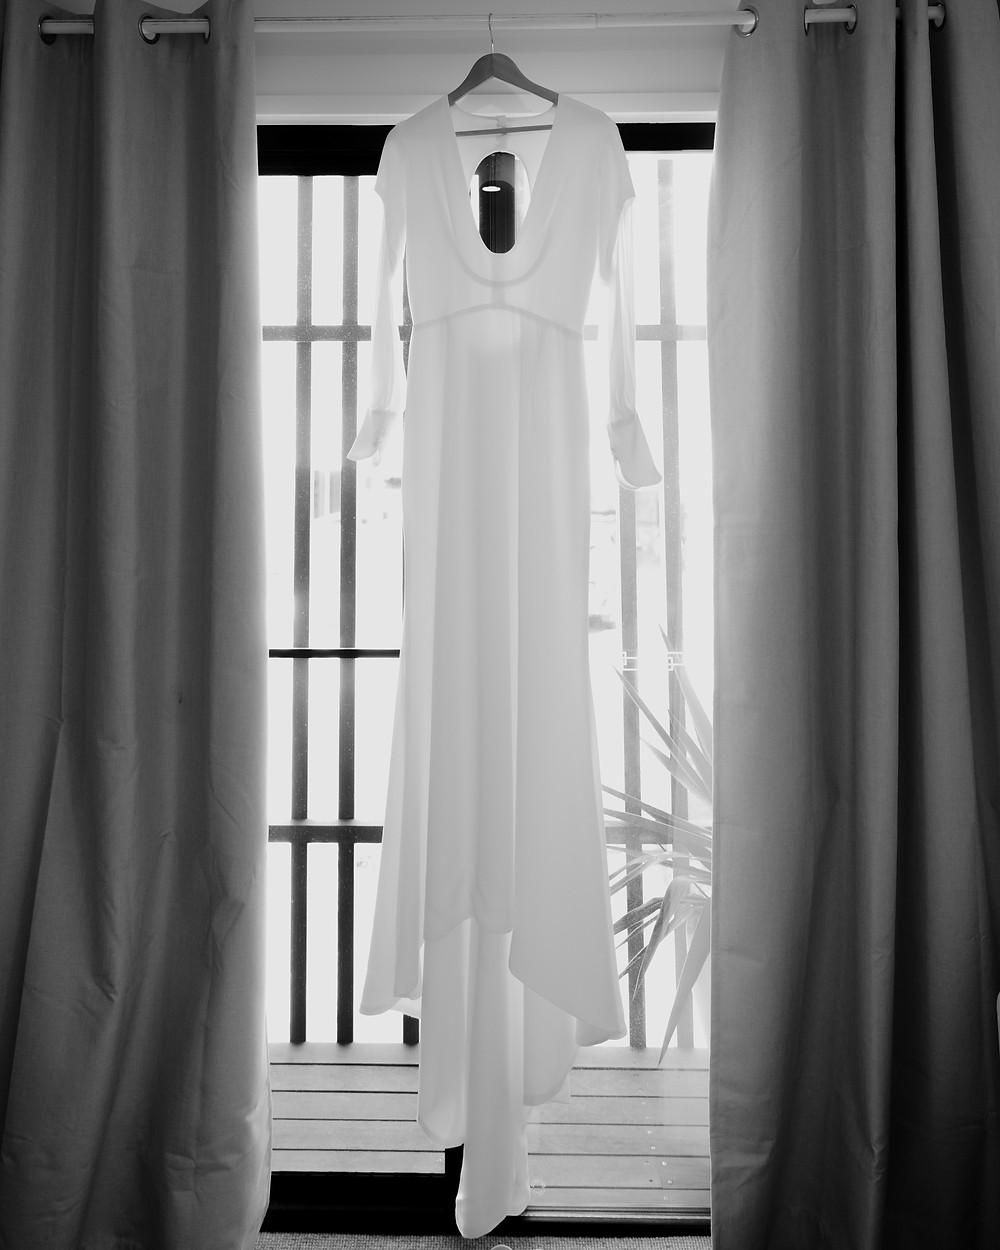 wedding dress in window of Byron Bay Air B'n'b in summer